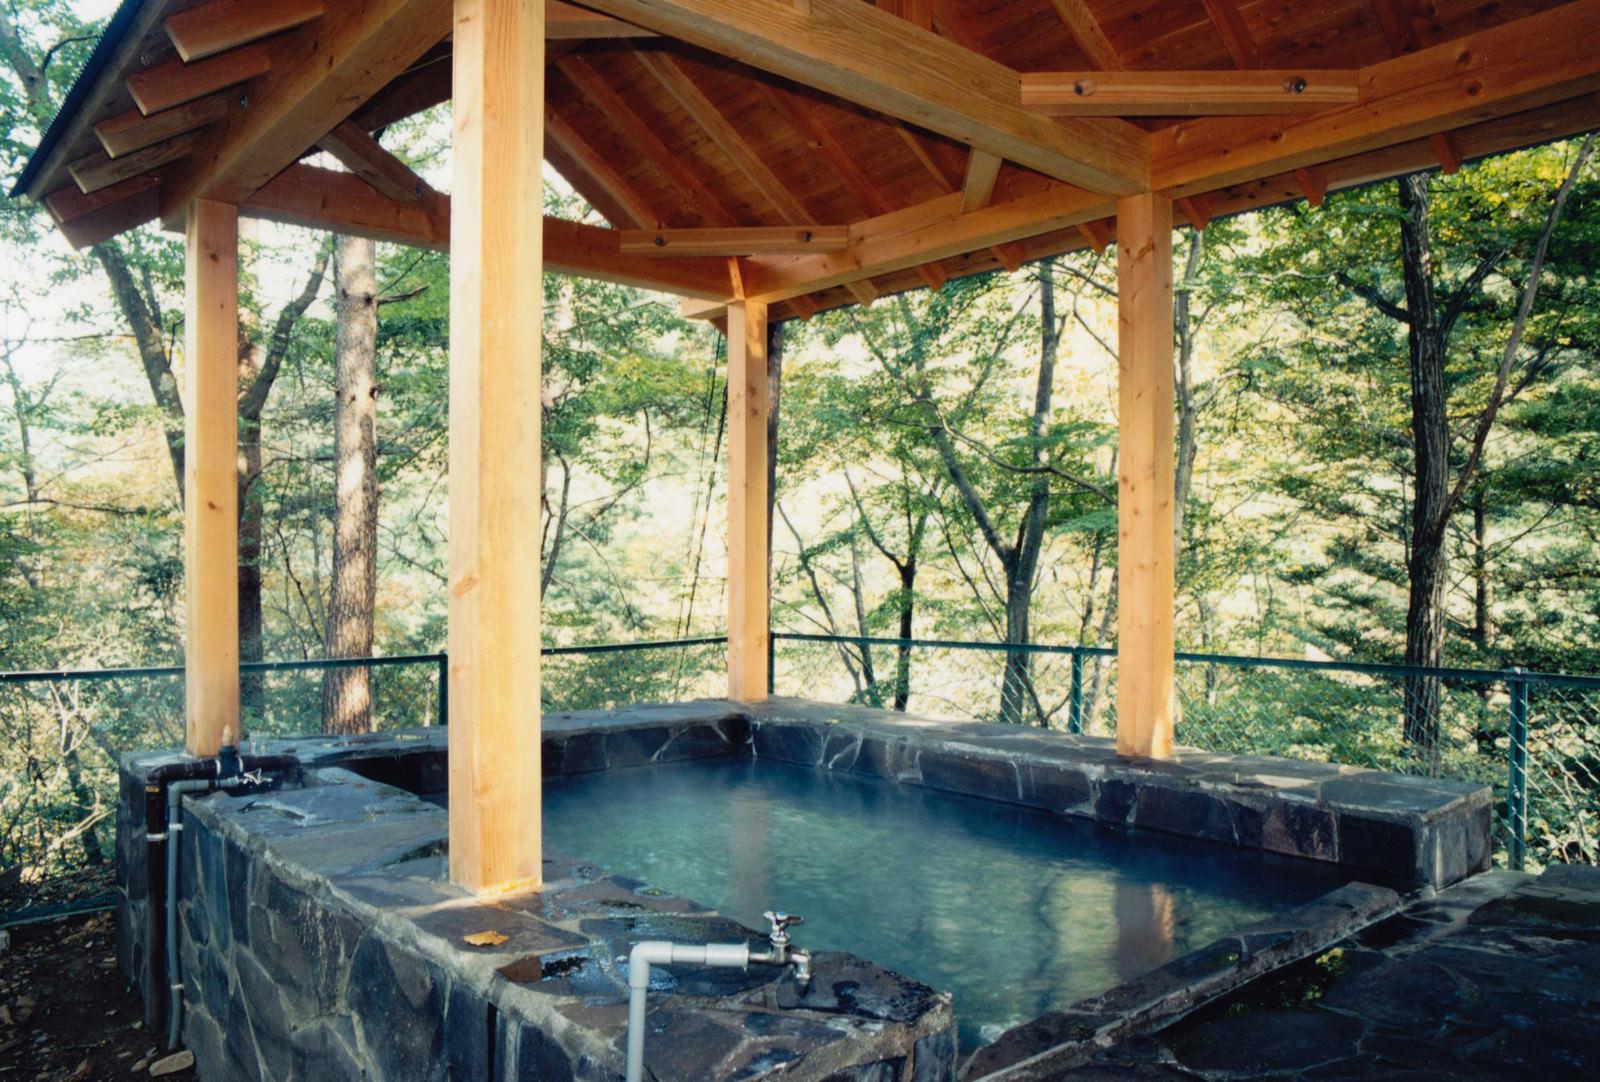 「旧川原湯温泉「聖天様露天風呂」」の写真